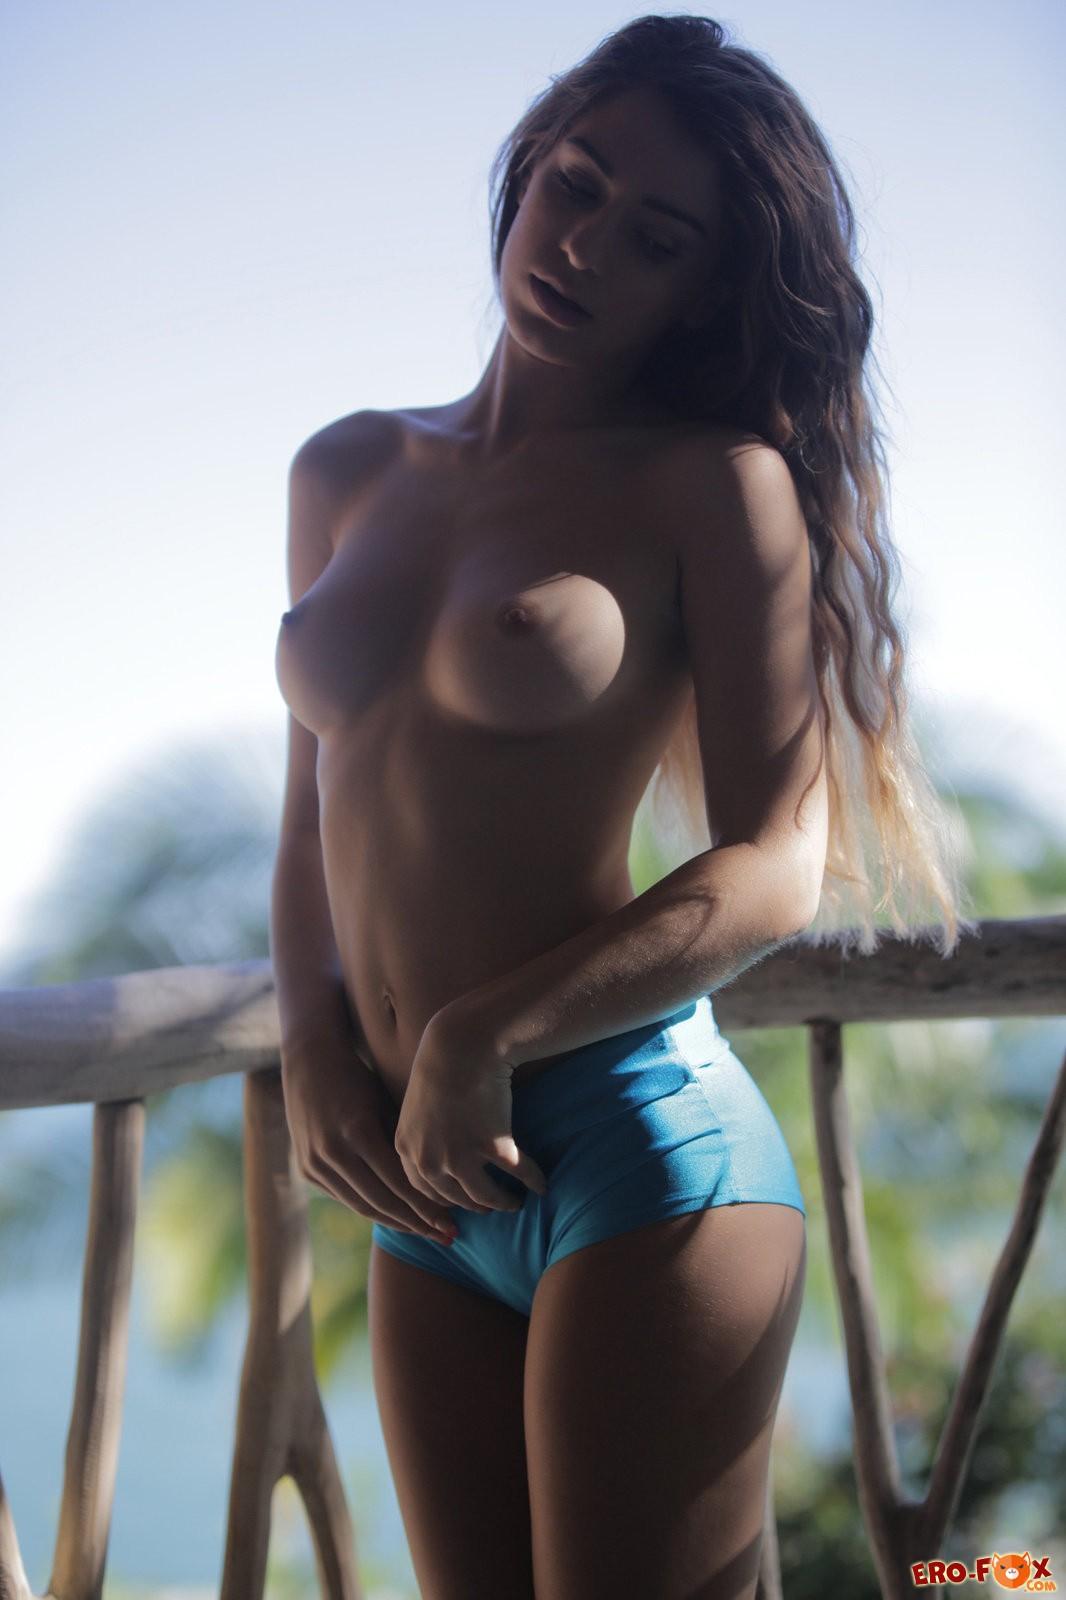 Голая девушка с красивой упругой грудью